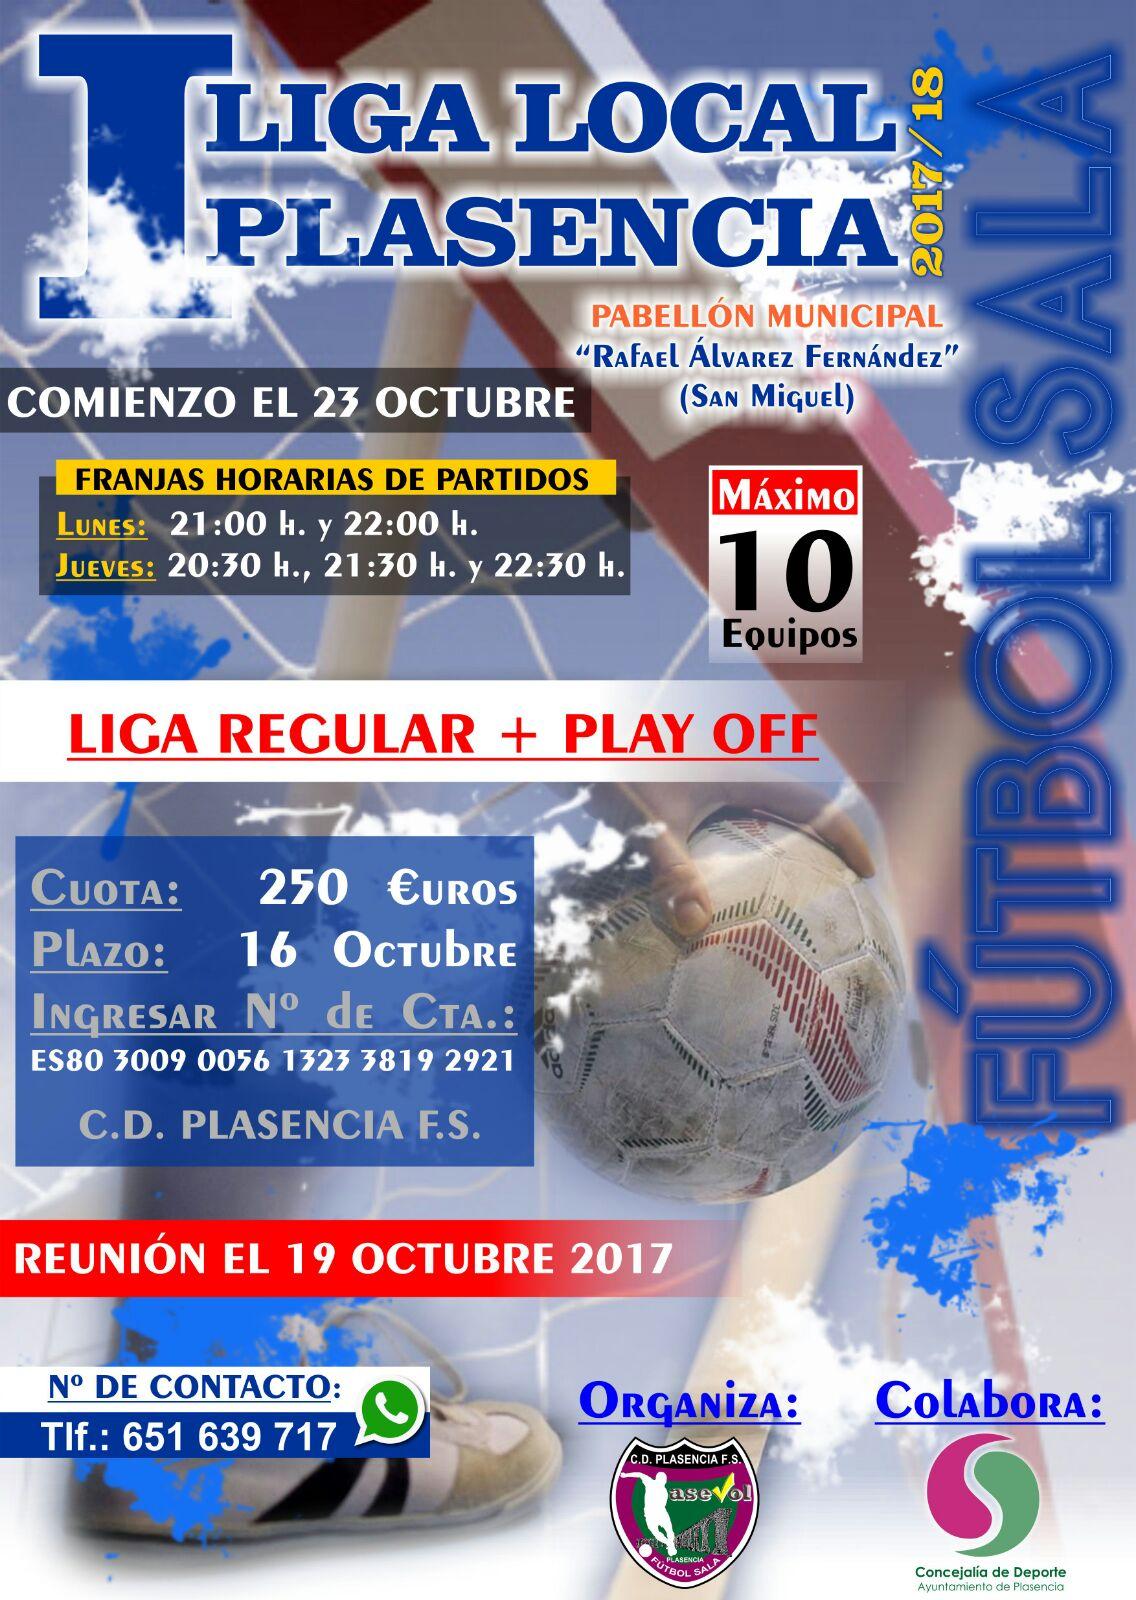 Reunión el 19 de Octubre de la Liga Regular de Fútbol-Sala organizada por C.D. Plasencia F.S